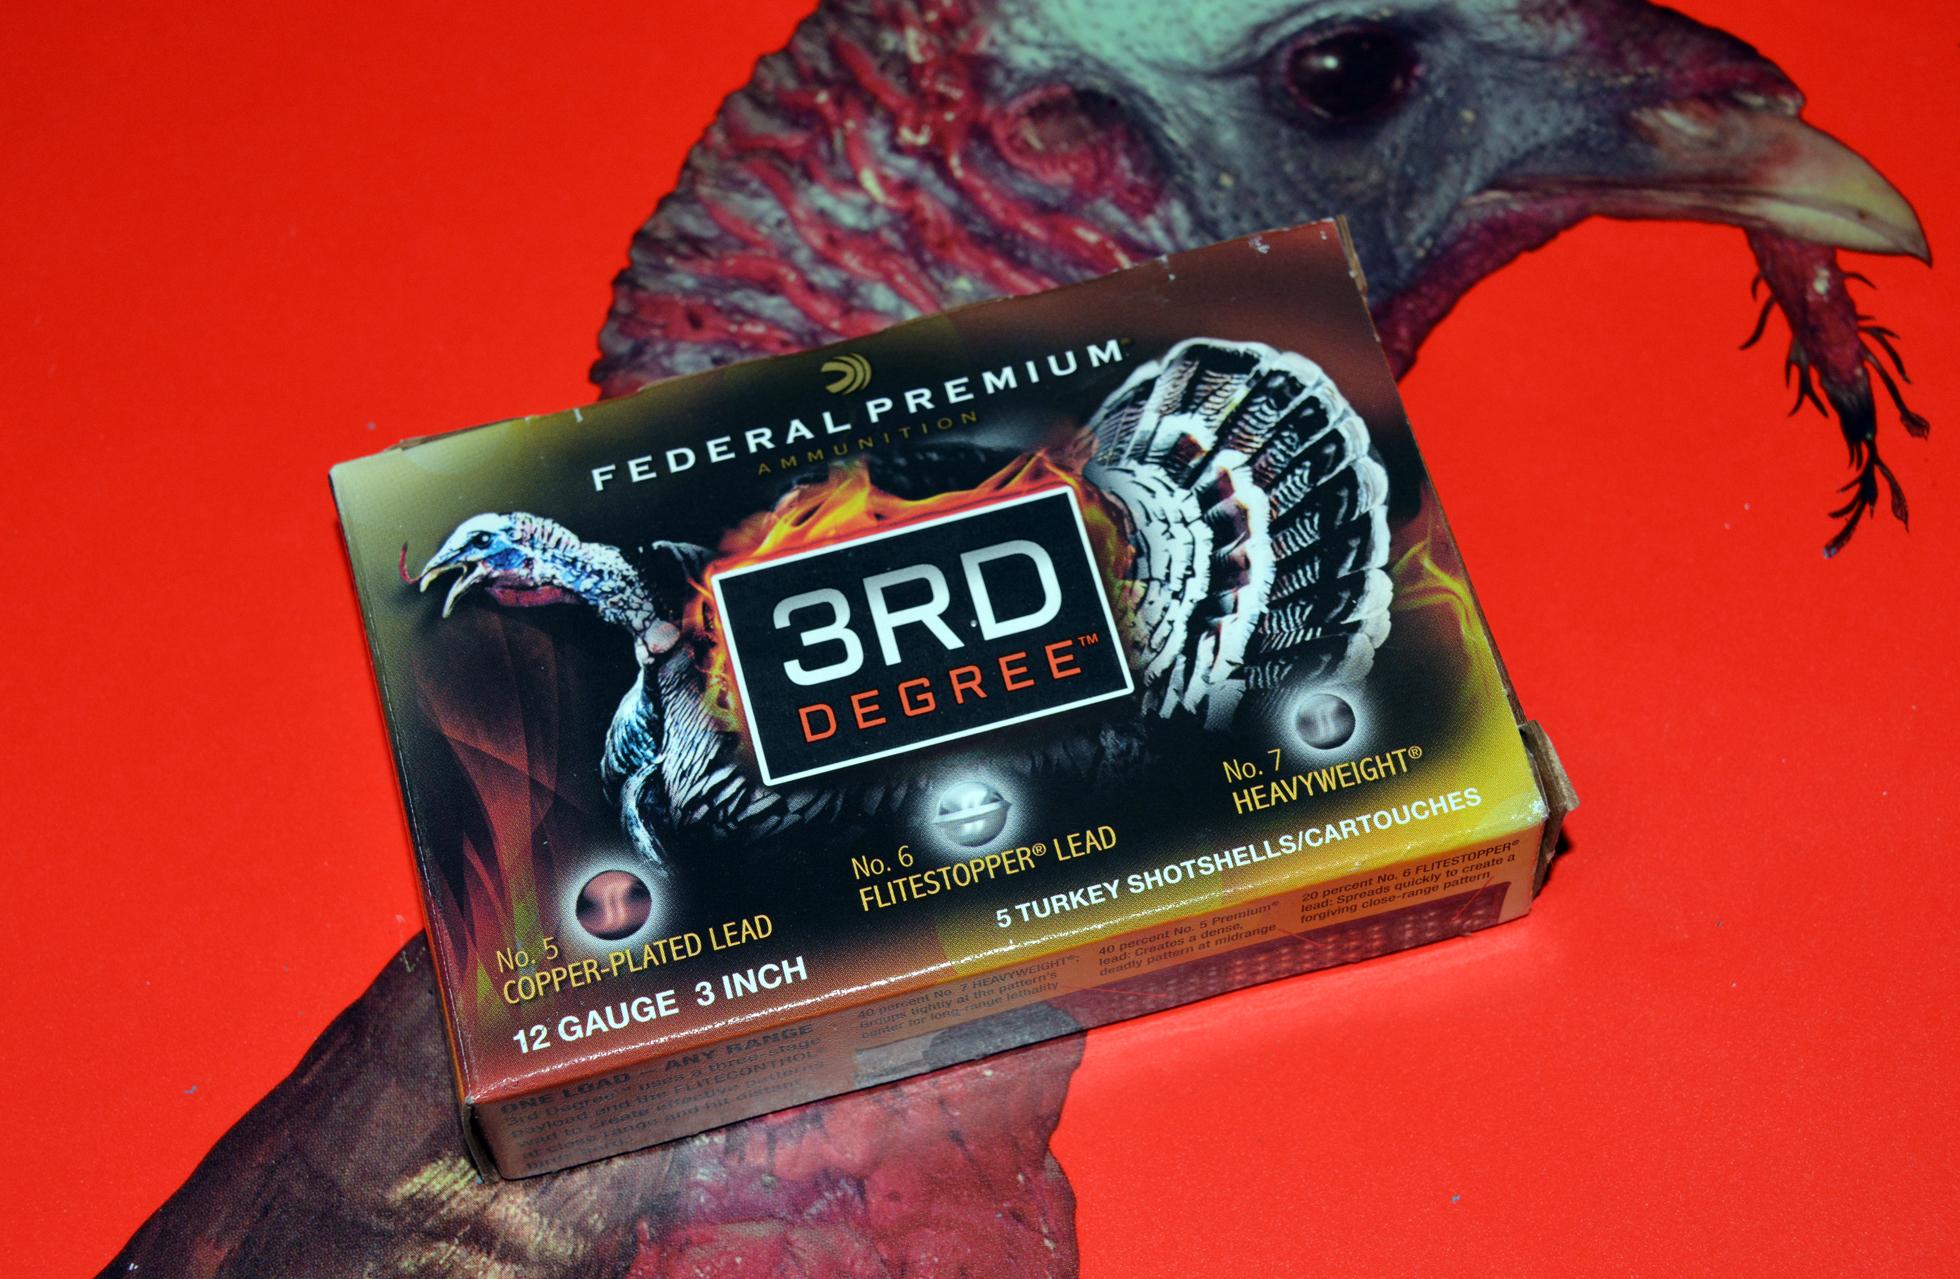 636015135992591625-Gear-Scout---Federal-Premium-3rd-Degree.jpg